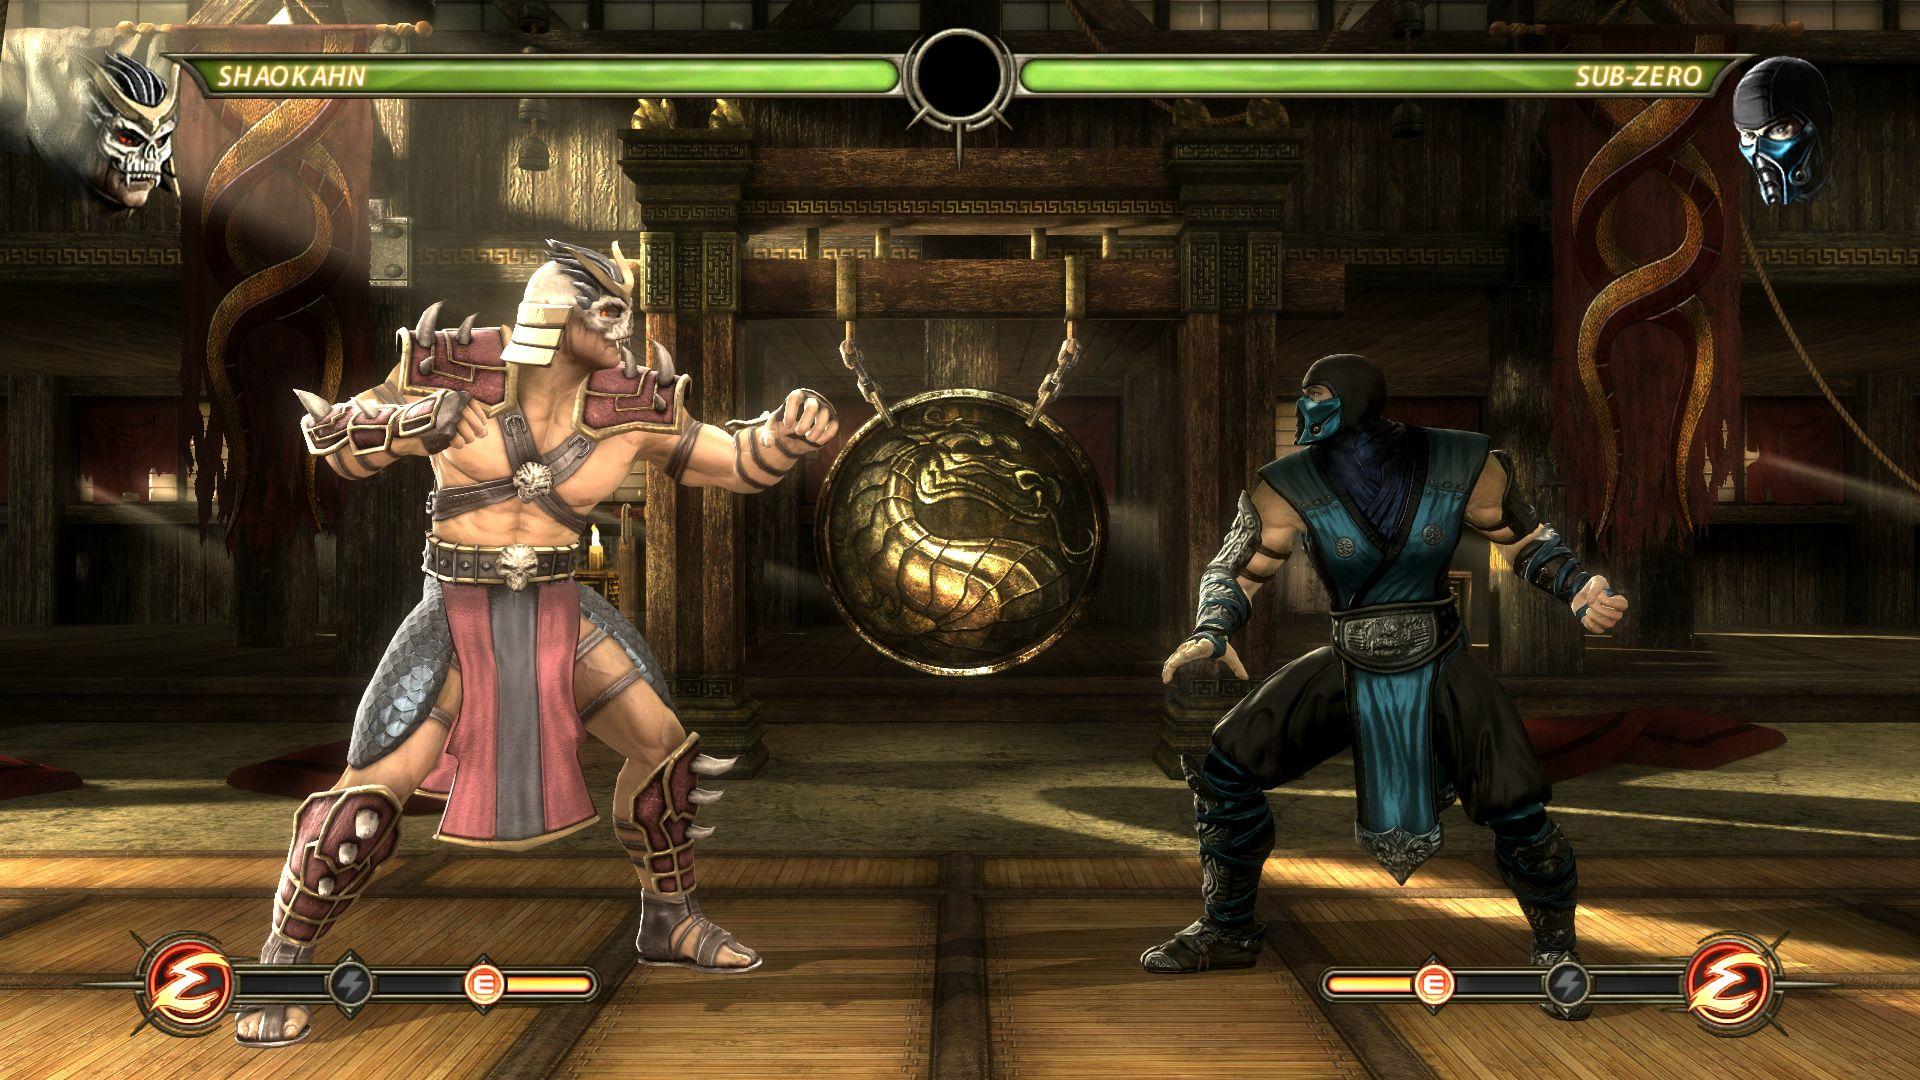 Mortal kombat 7 скачать на компьютер